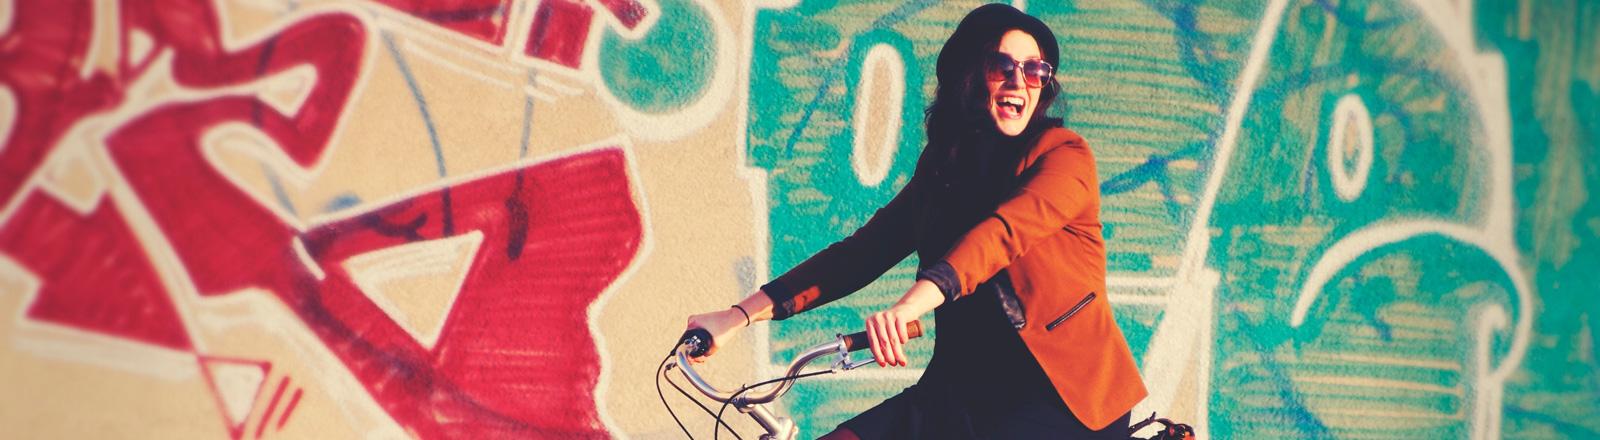 Eine fröhliche Frau auf einem Fahrrad.